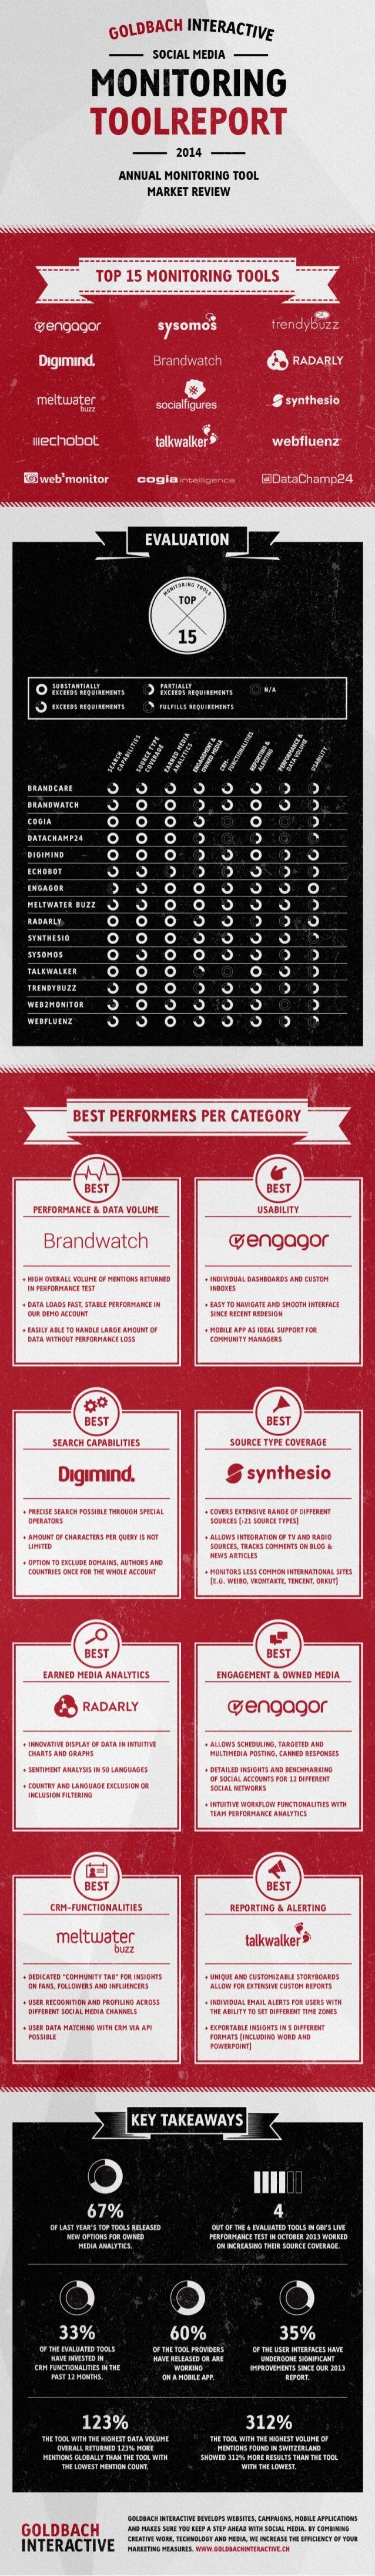 Melhores Ferramentas de Monitoramento de Mídias Sociais em 2014